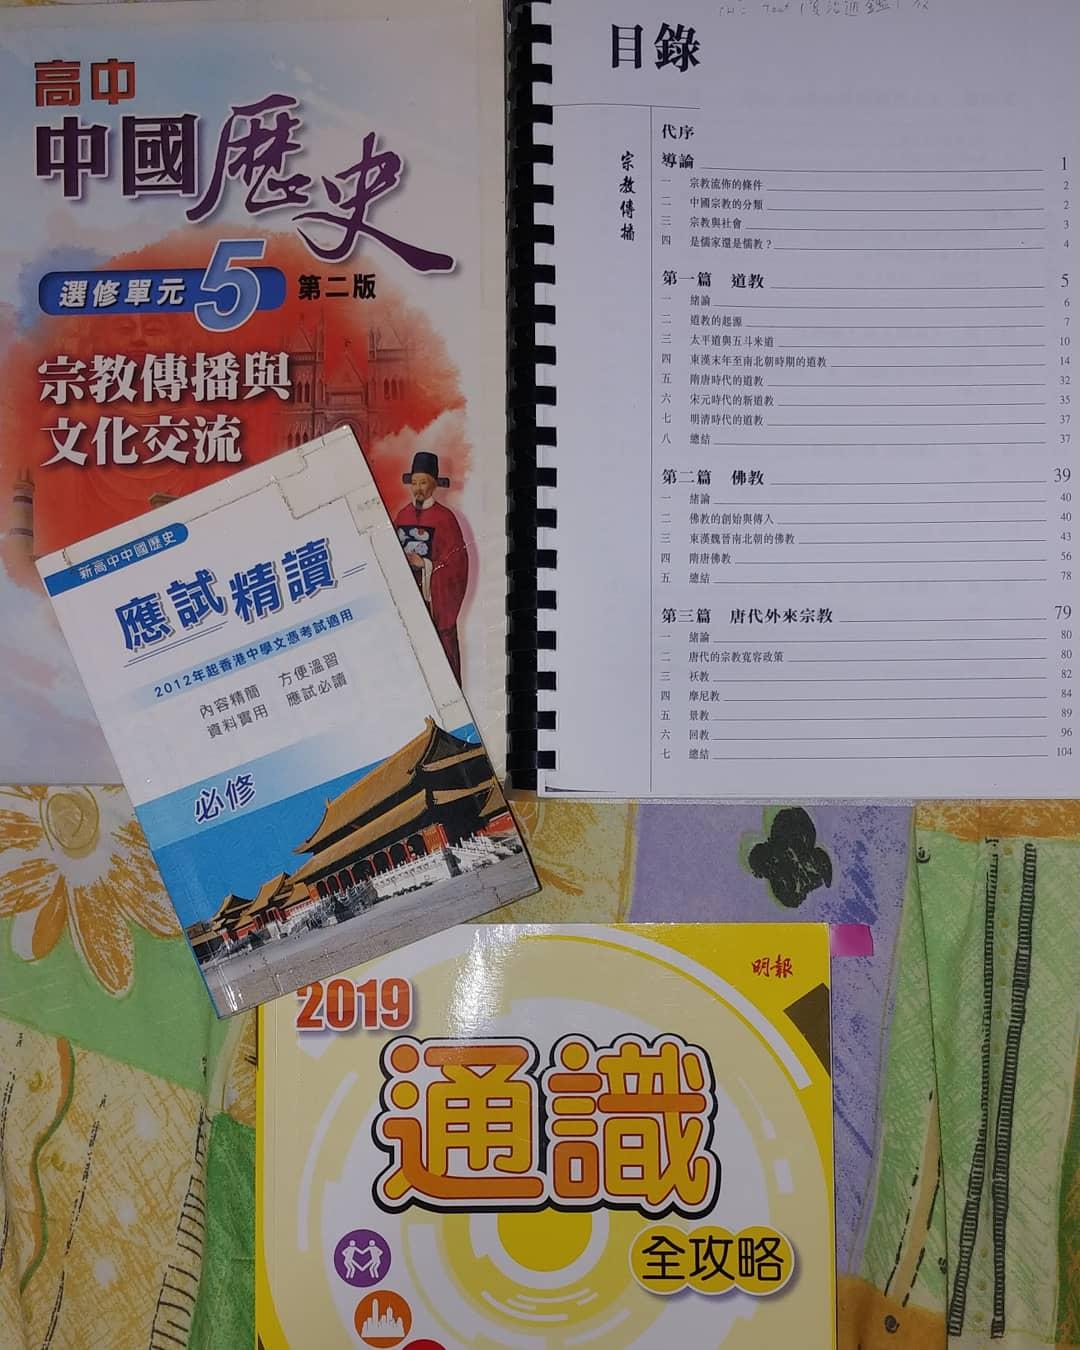 數學 通識 中史 教參練習 - 買賣交換區 - 小卒資訊論壇 lsforum.net - HKDSE & HKAL 學術資訊討論區